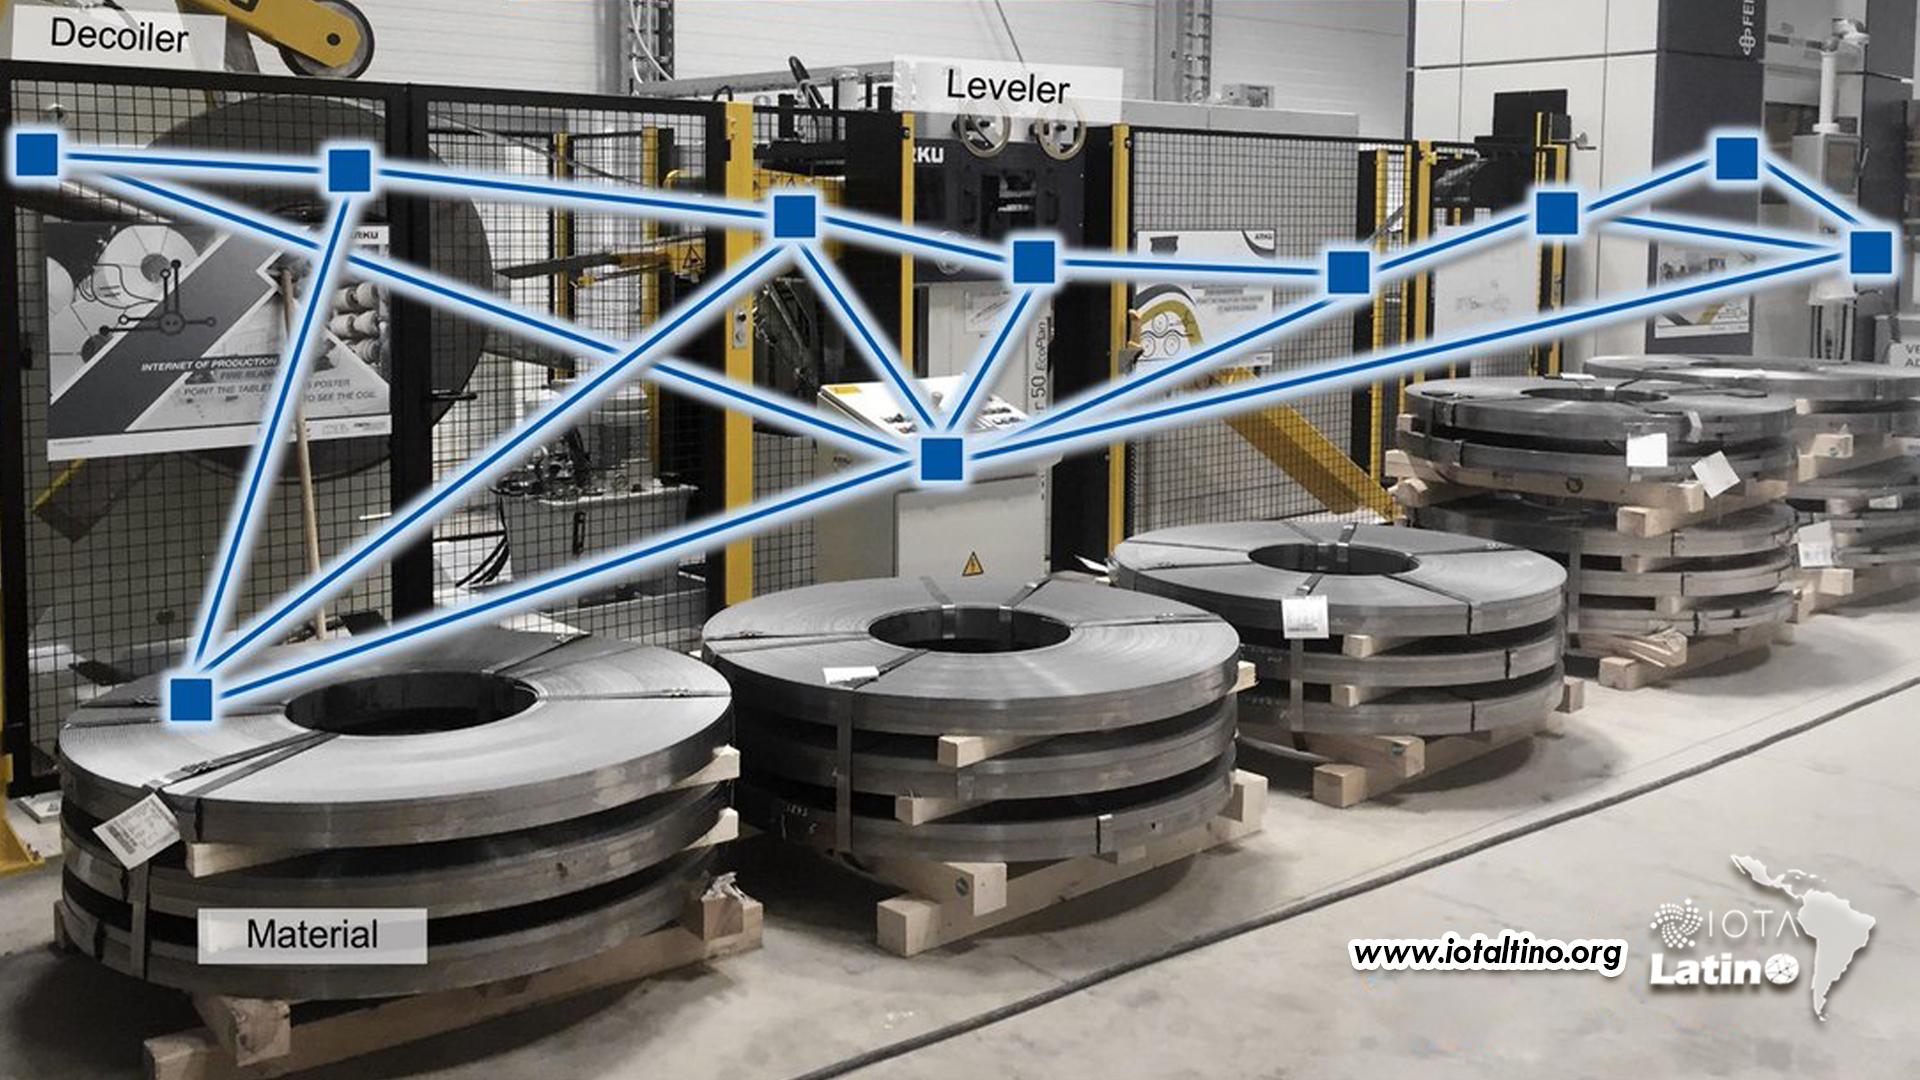 laboratorio industrial de IOTA IILA - IOTA Latino